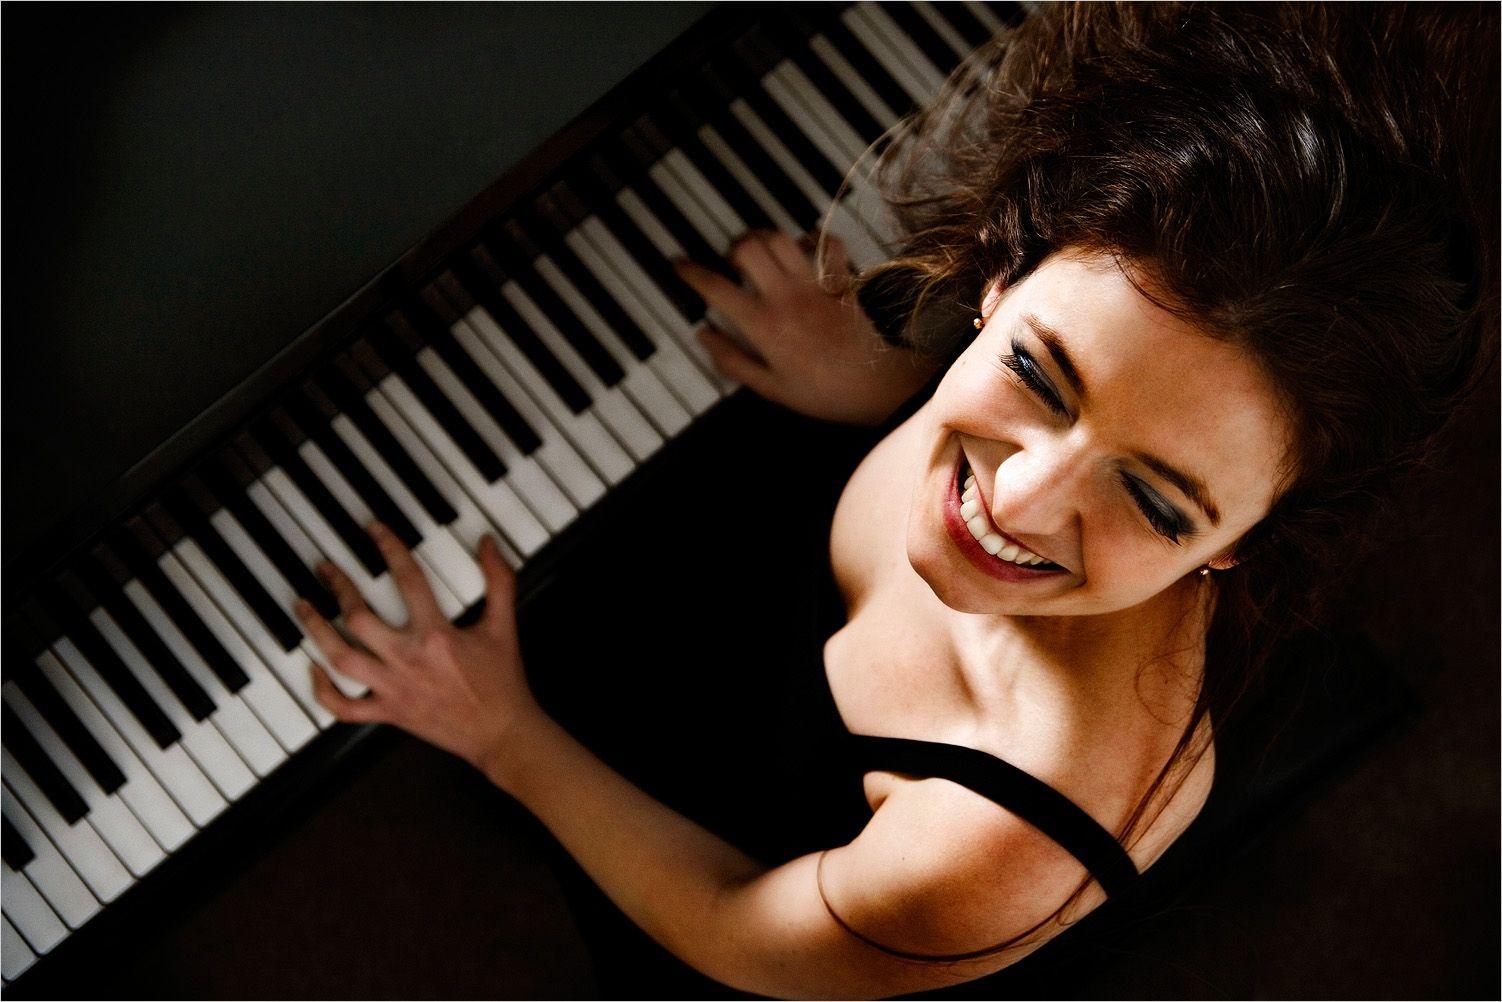 техника игры на фортепиано